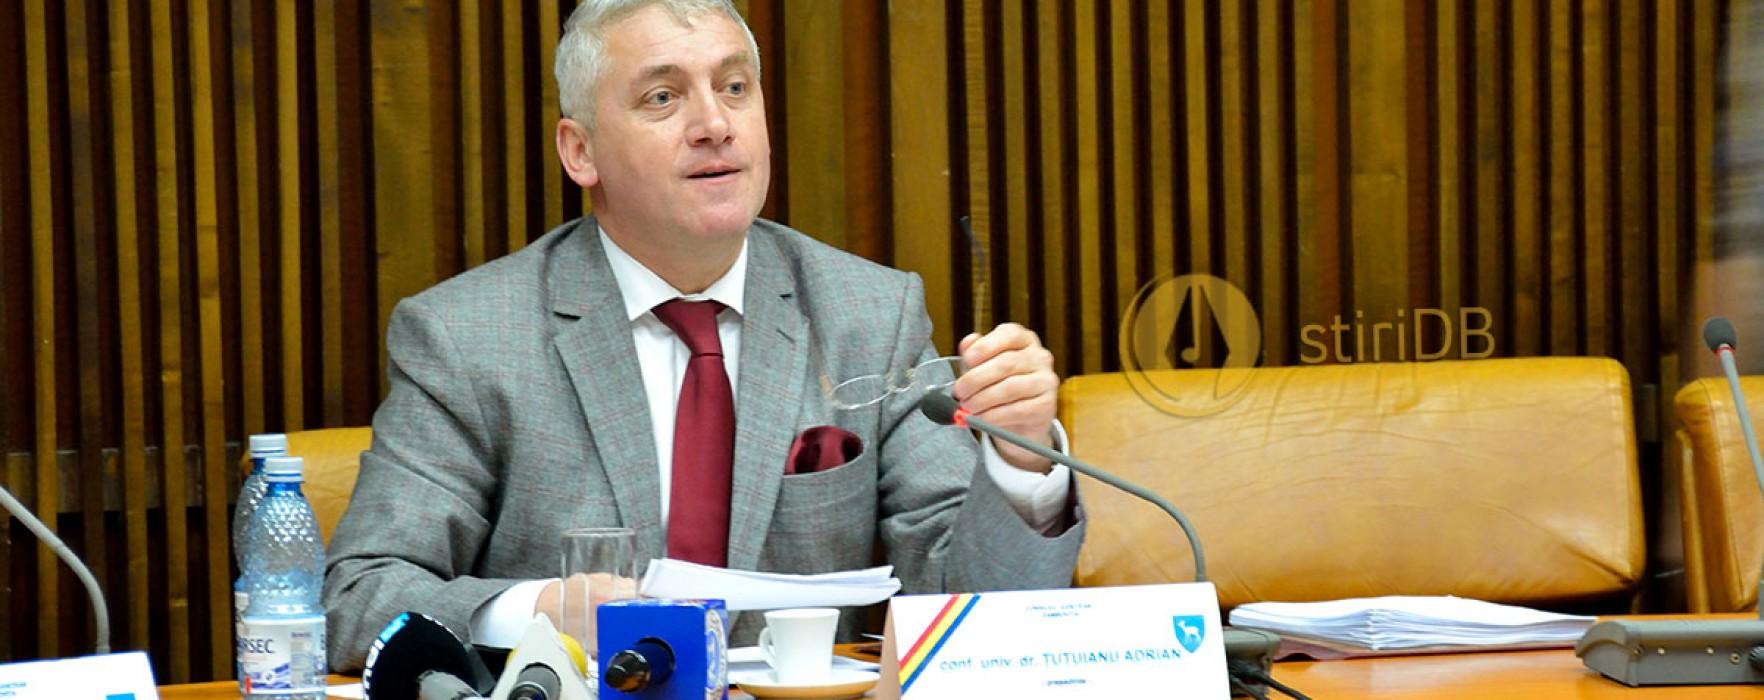 Adrian Ţuţuianu explică de ce PSD nu a avut nominalizări de vicepreşedinte la CJ Dâmboviţa (audio)